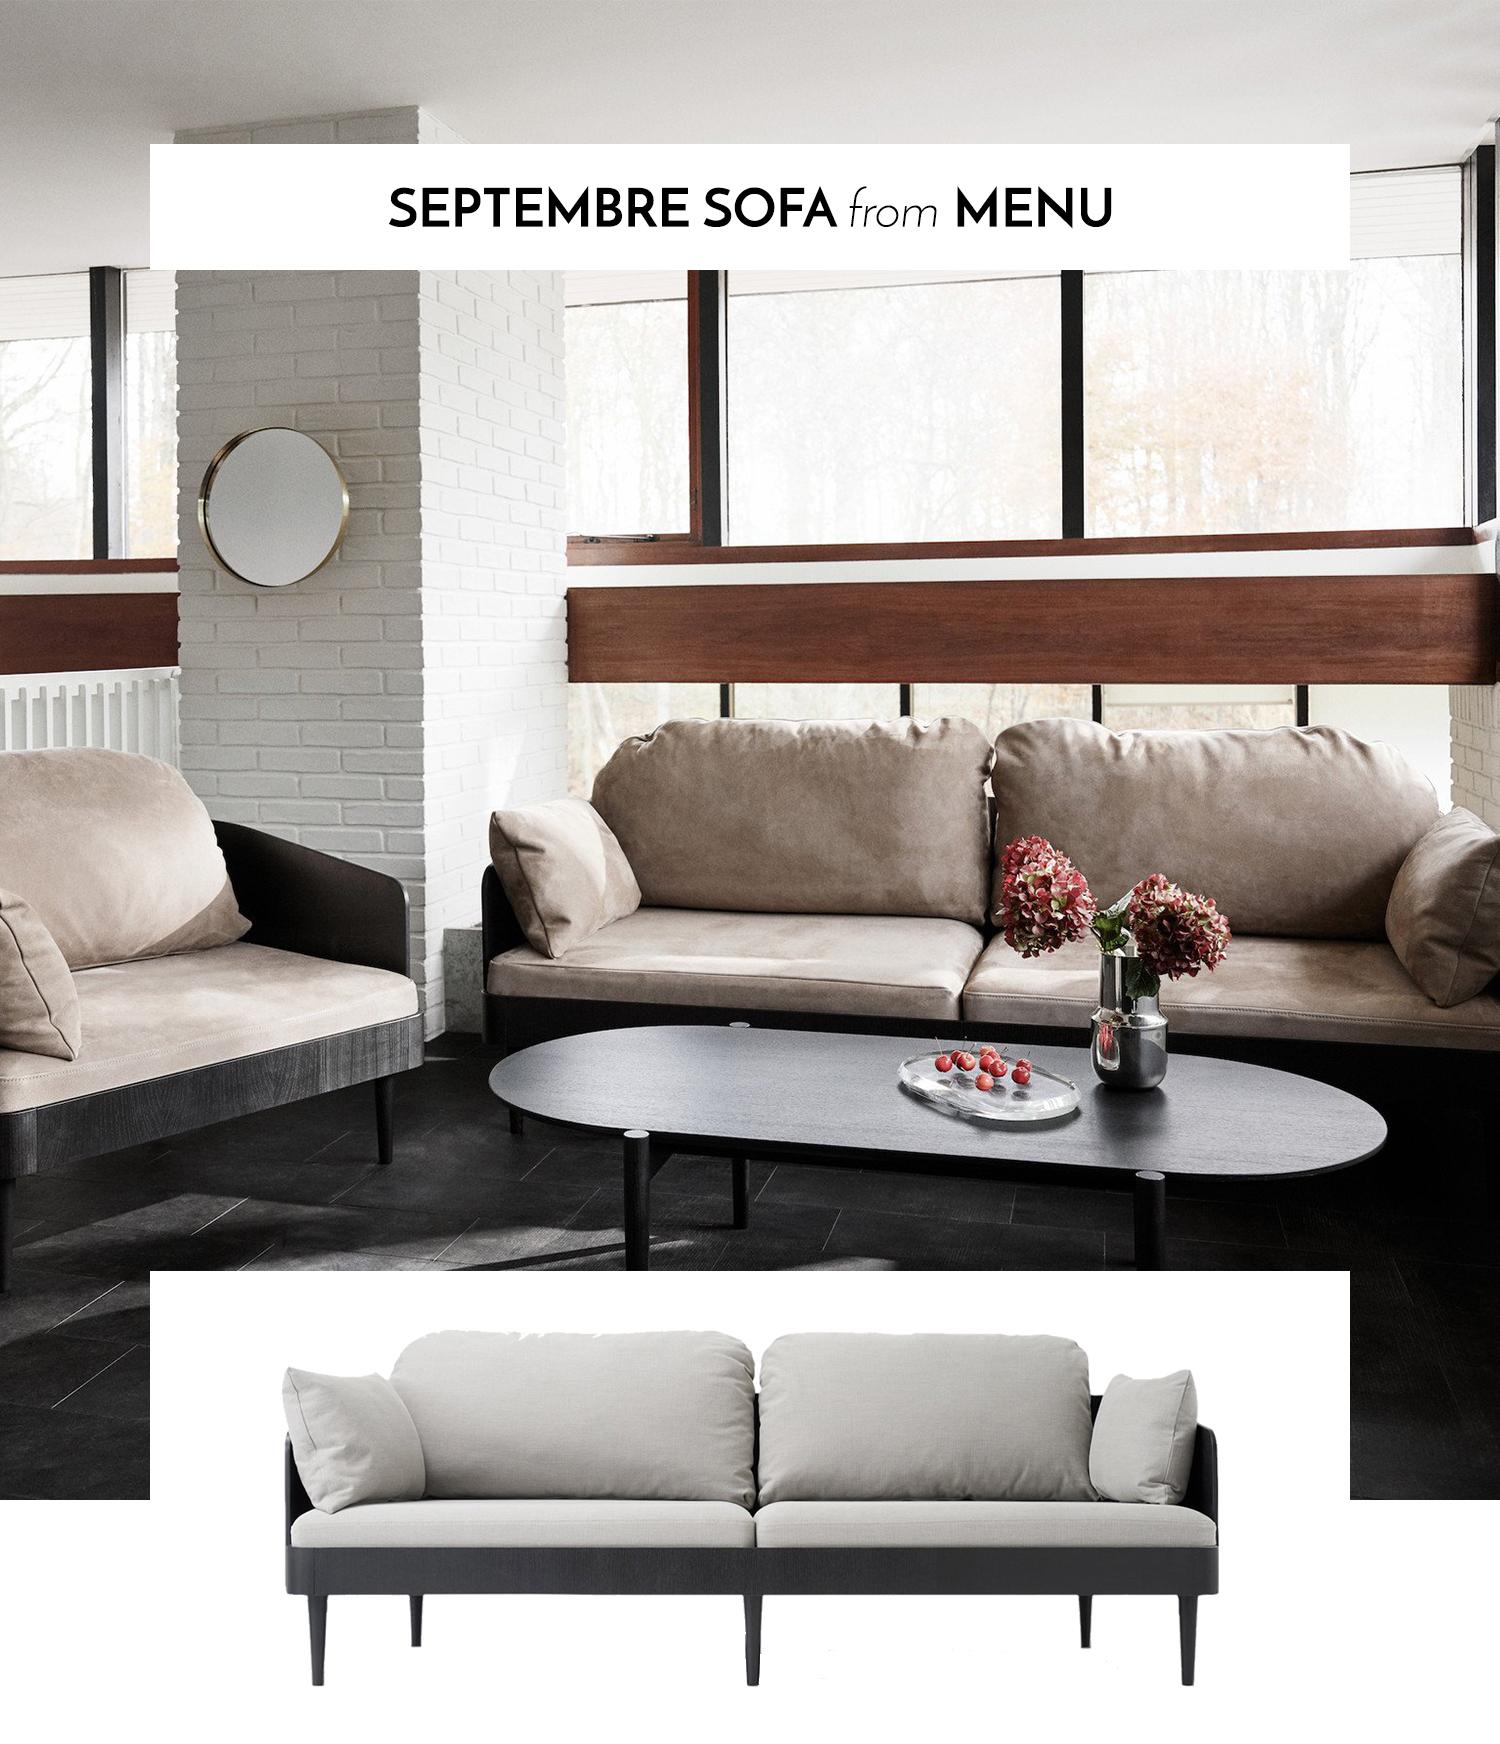 semtembre_menu_sofa